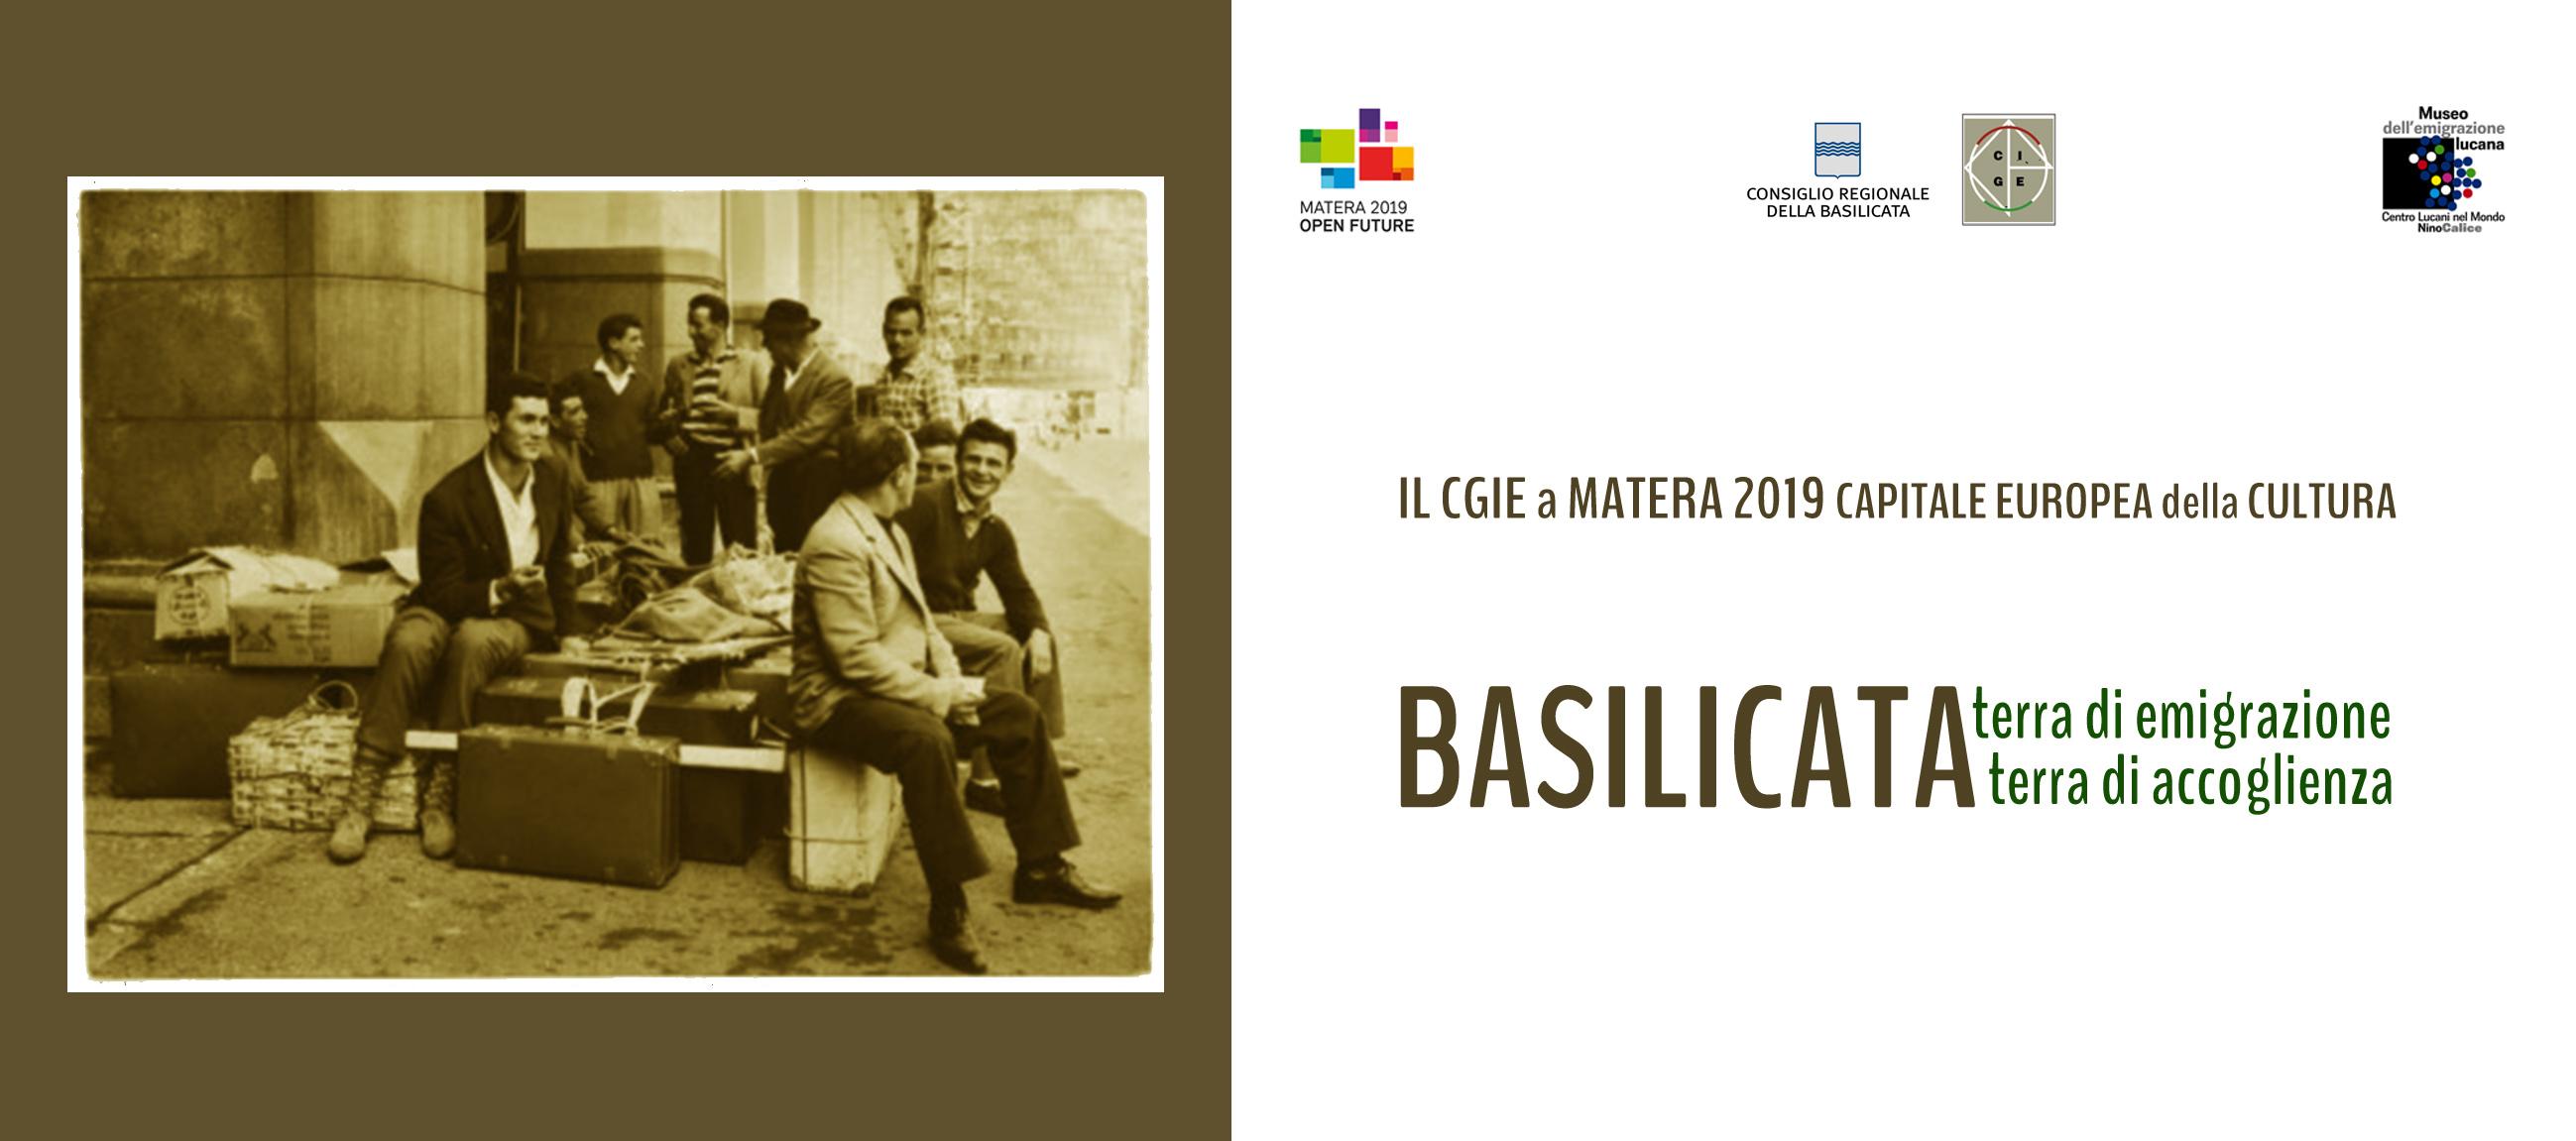 Consiglio Generale degli Italiani all'Estero: incontro a Matera il 18 e 19 novembre 2018